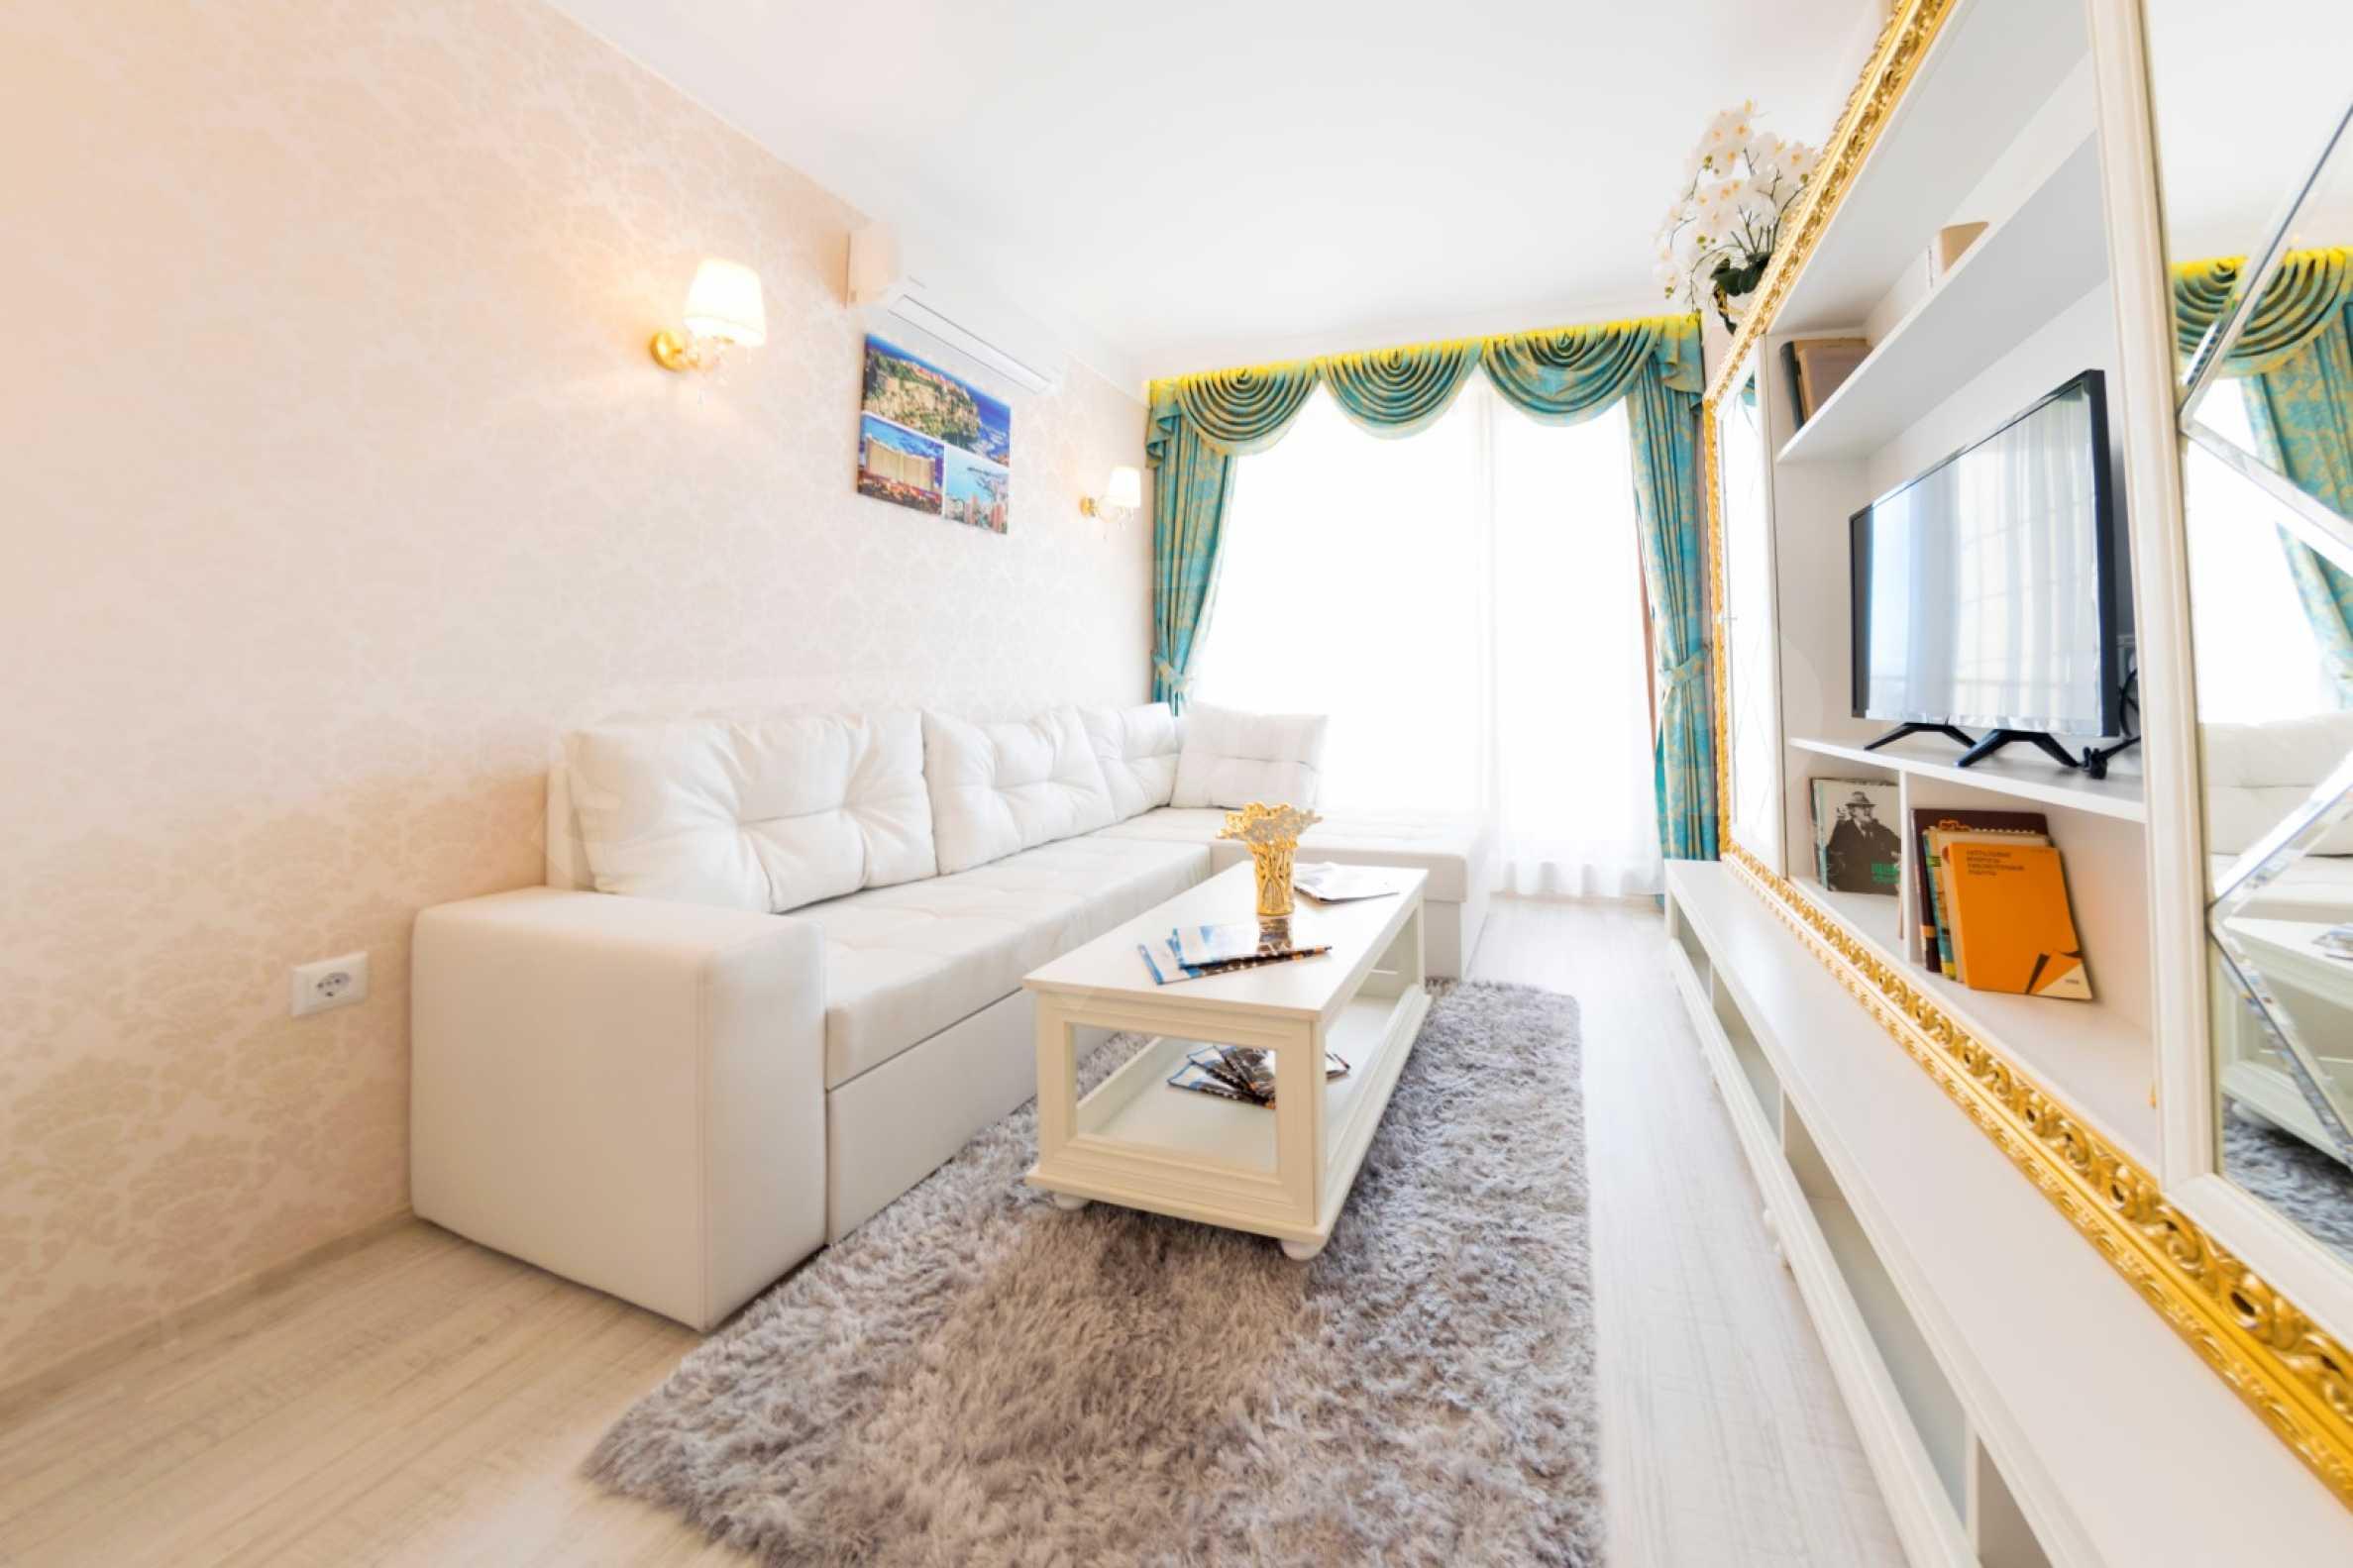 Sommersaison 2021! Auswahl an Mietwohnungen im Komplex der Premiumklasse 4